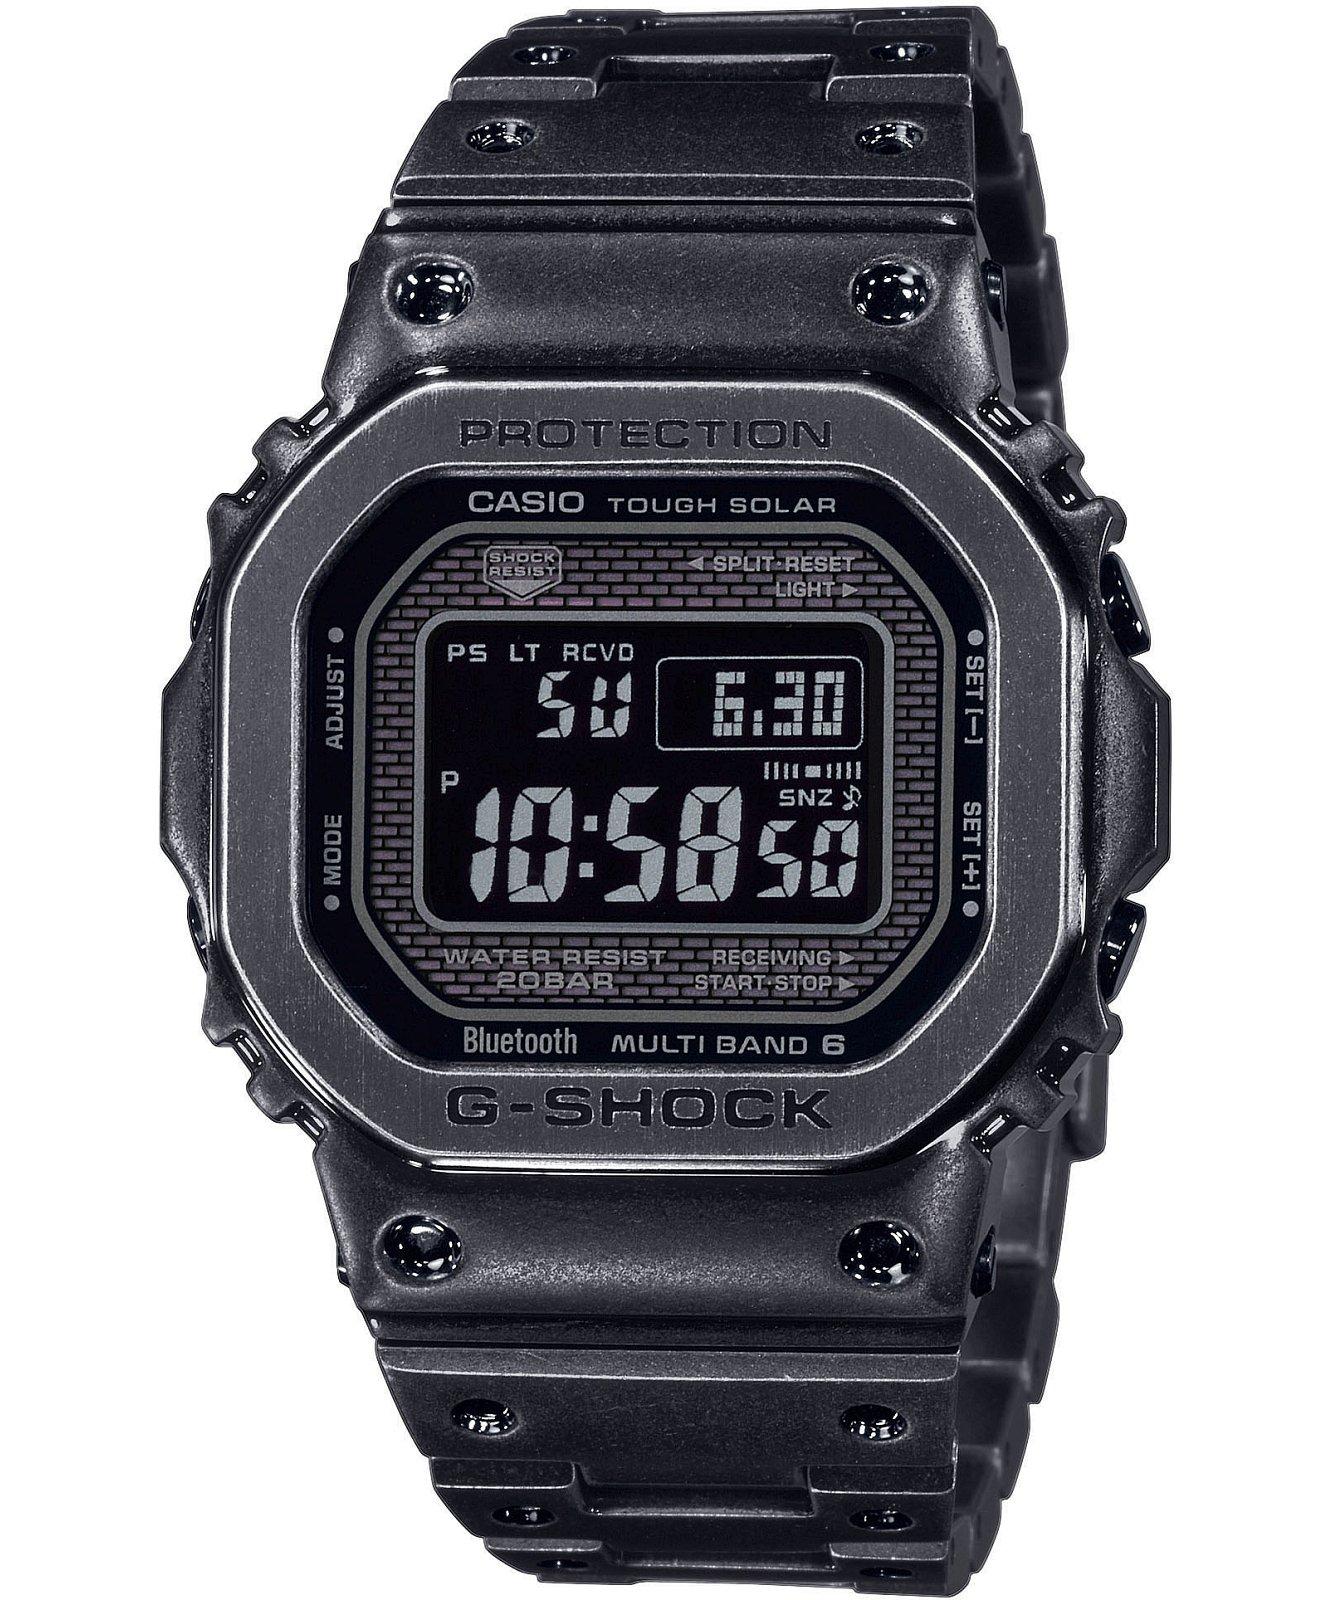 zegarek-meski-g-shock-specials-full-metal-case-aged-ip-limited-gmw-b5000v-1er-1